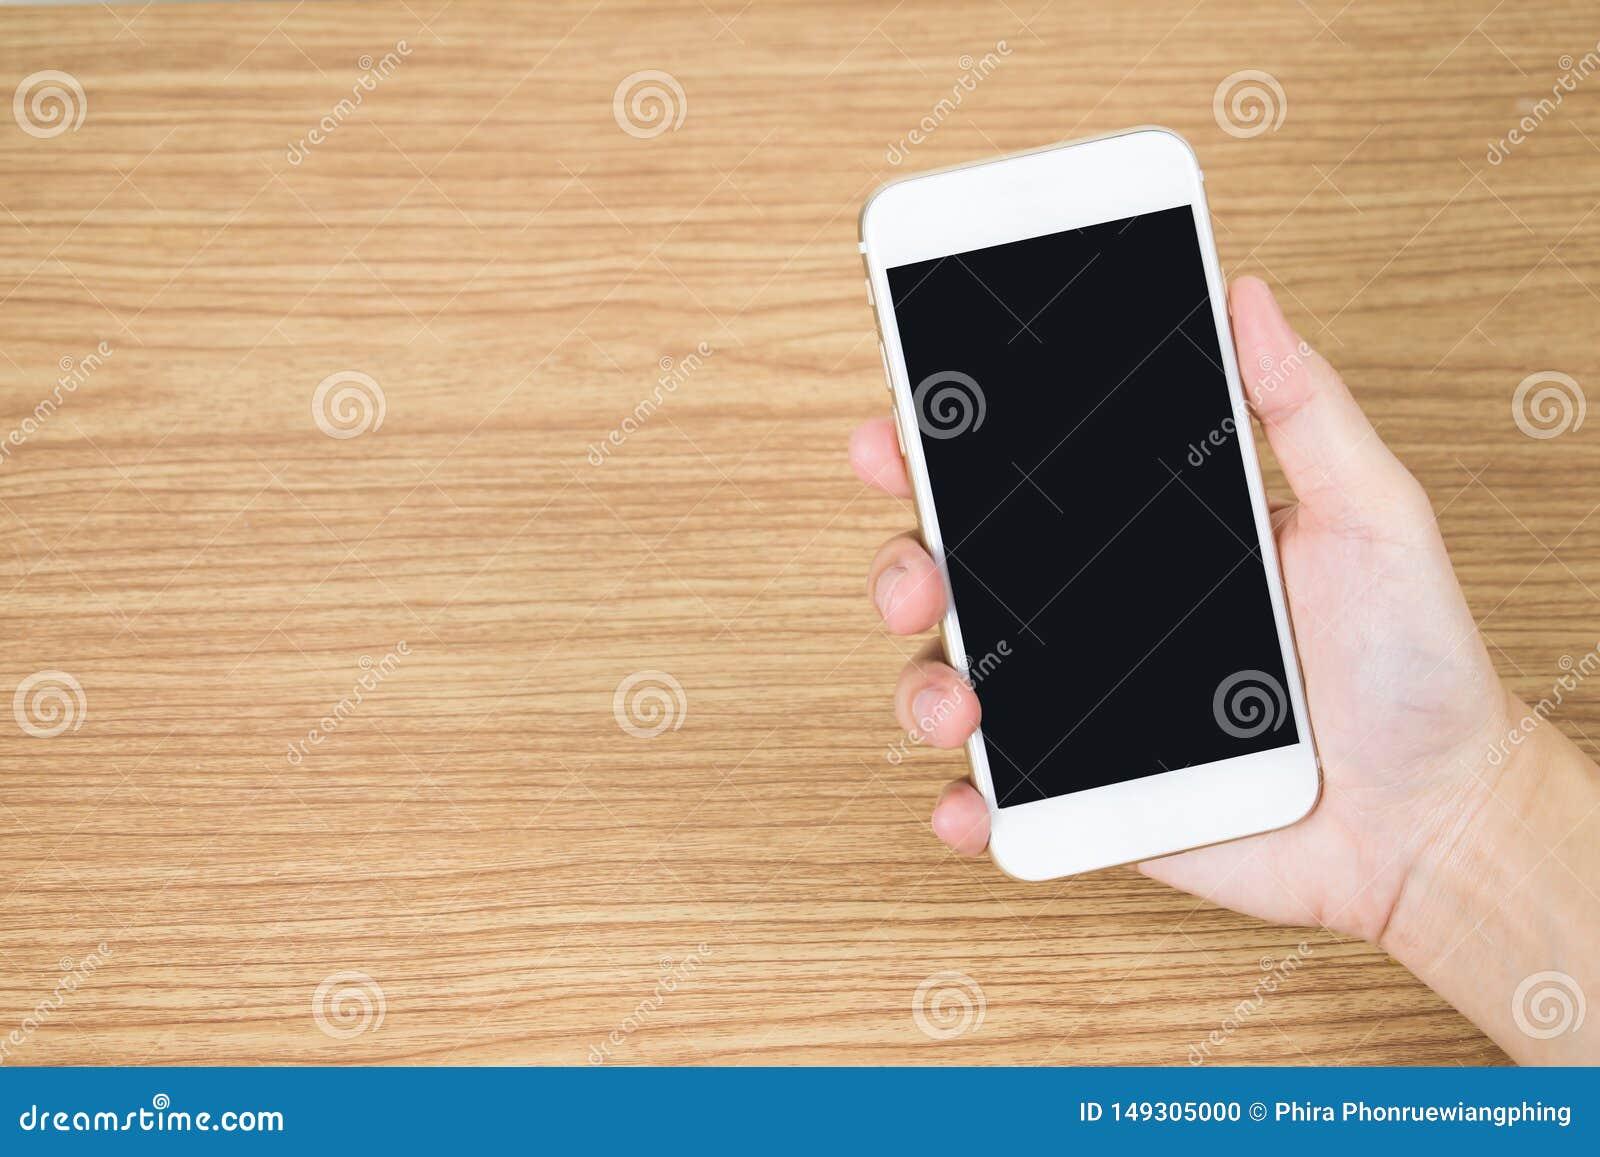 Chiuda fino alla mano che tiene il cellulare sulla vecchia tavola di legno nella stanza